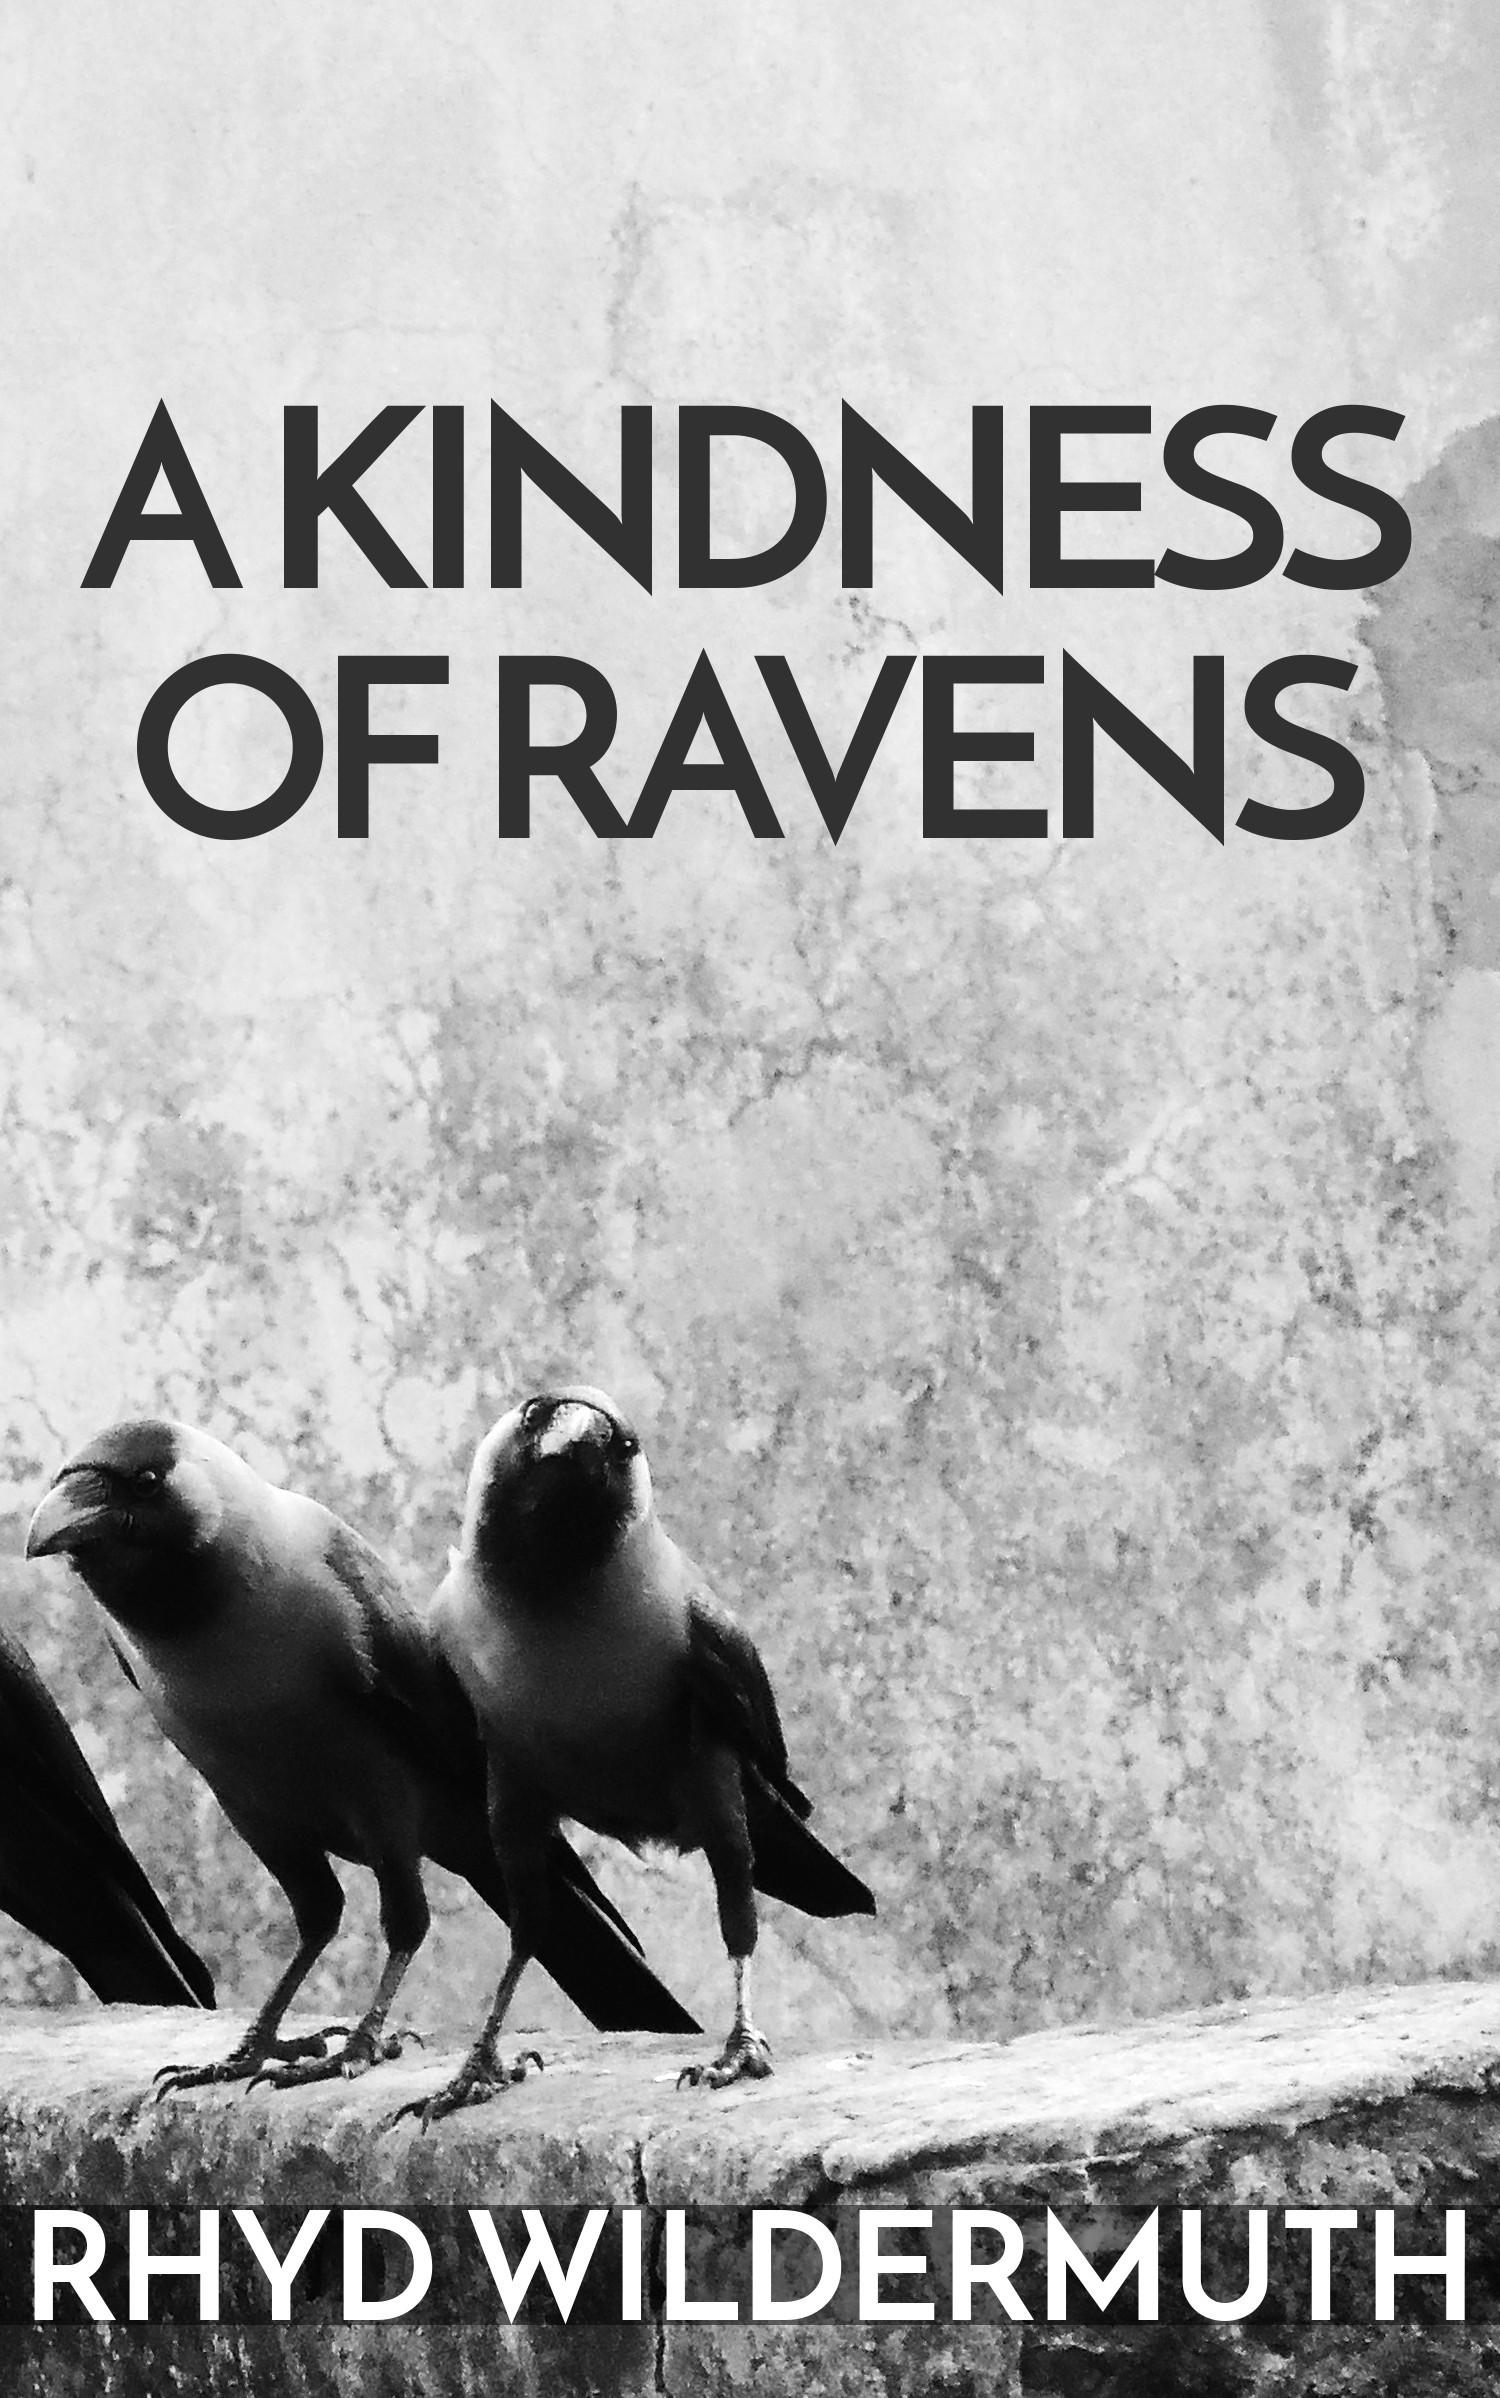 RAVENS COVER.jpg